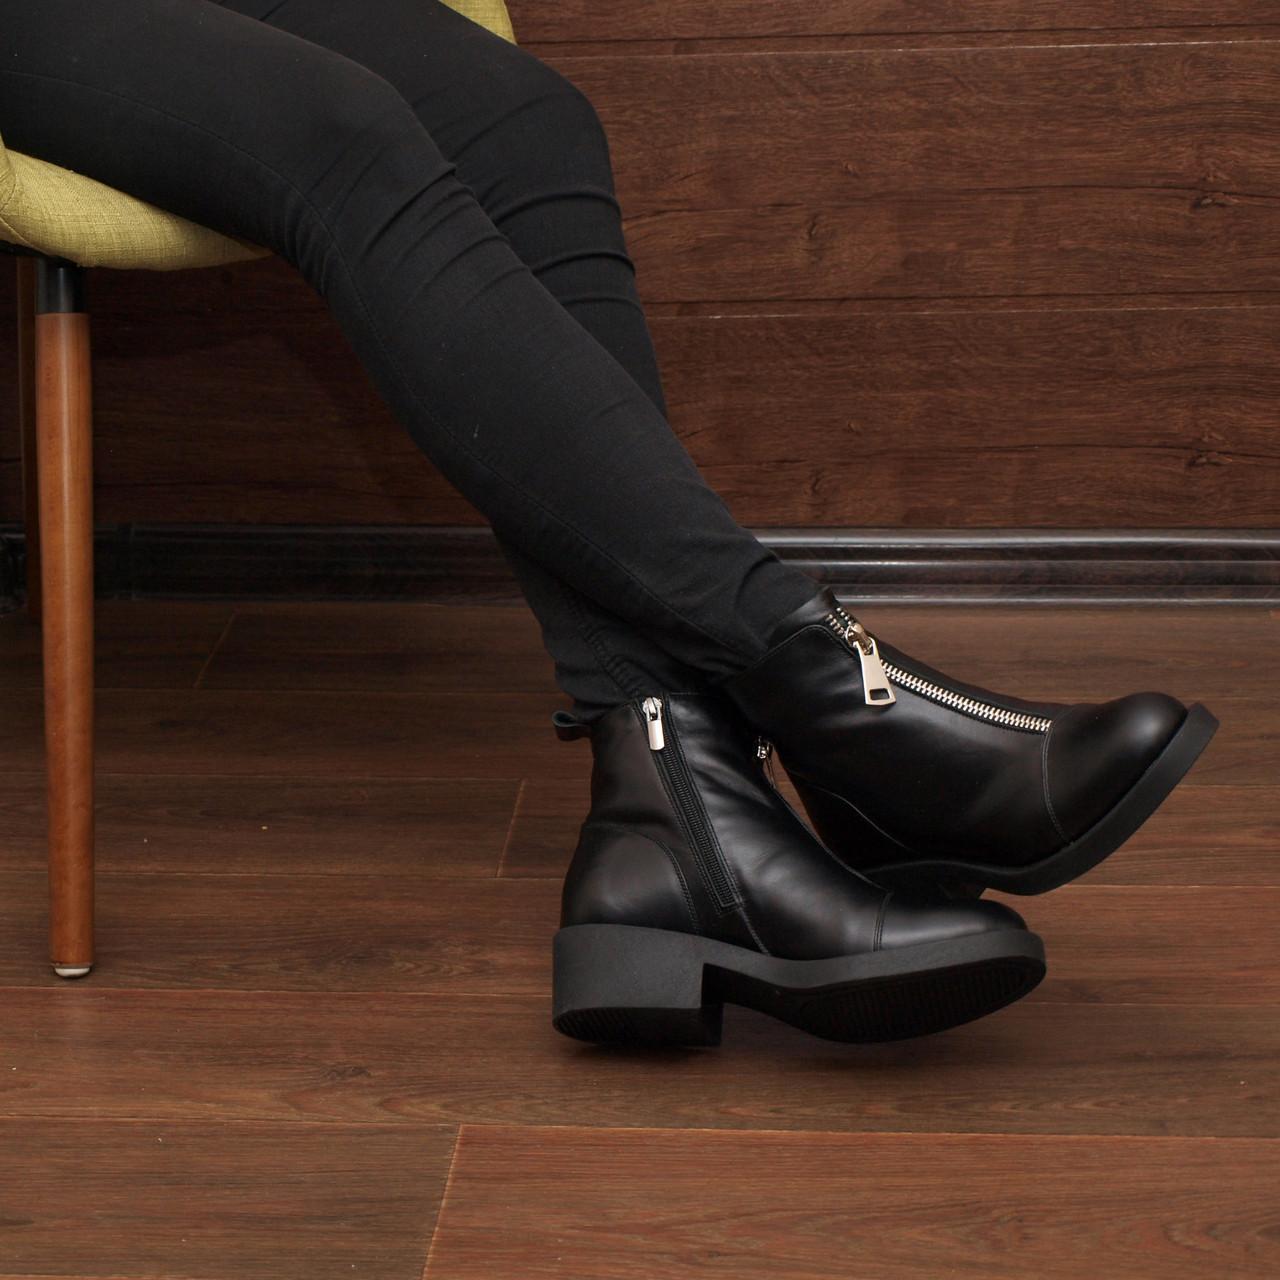 70c8793b8 Женские кожаные ботинки черные зима Lovinni 18001-11 (37, 39 ...